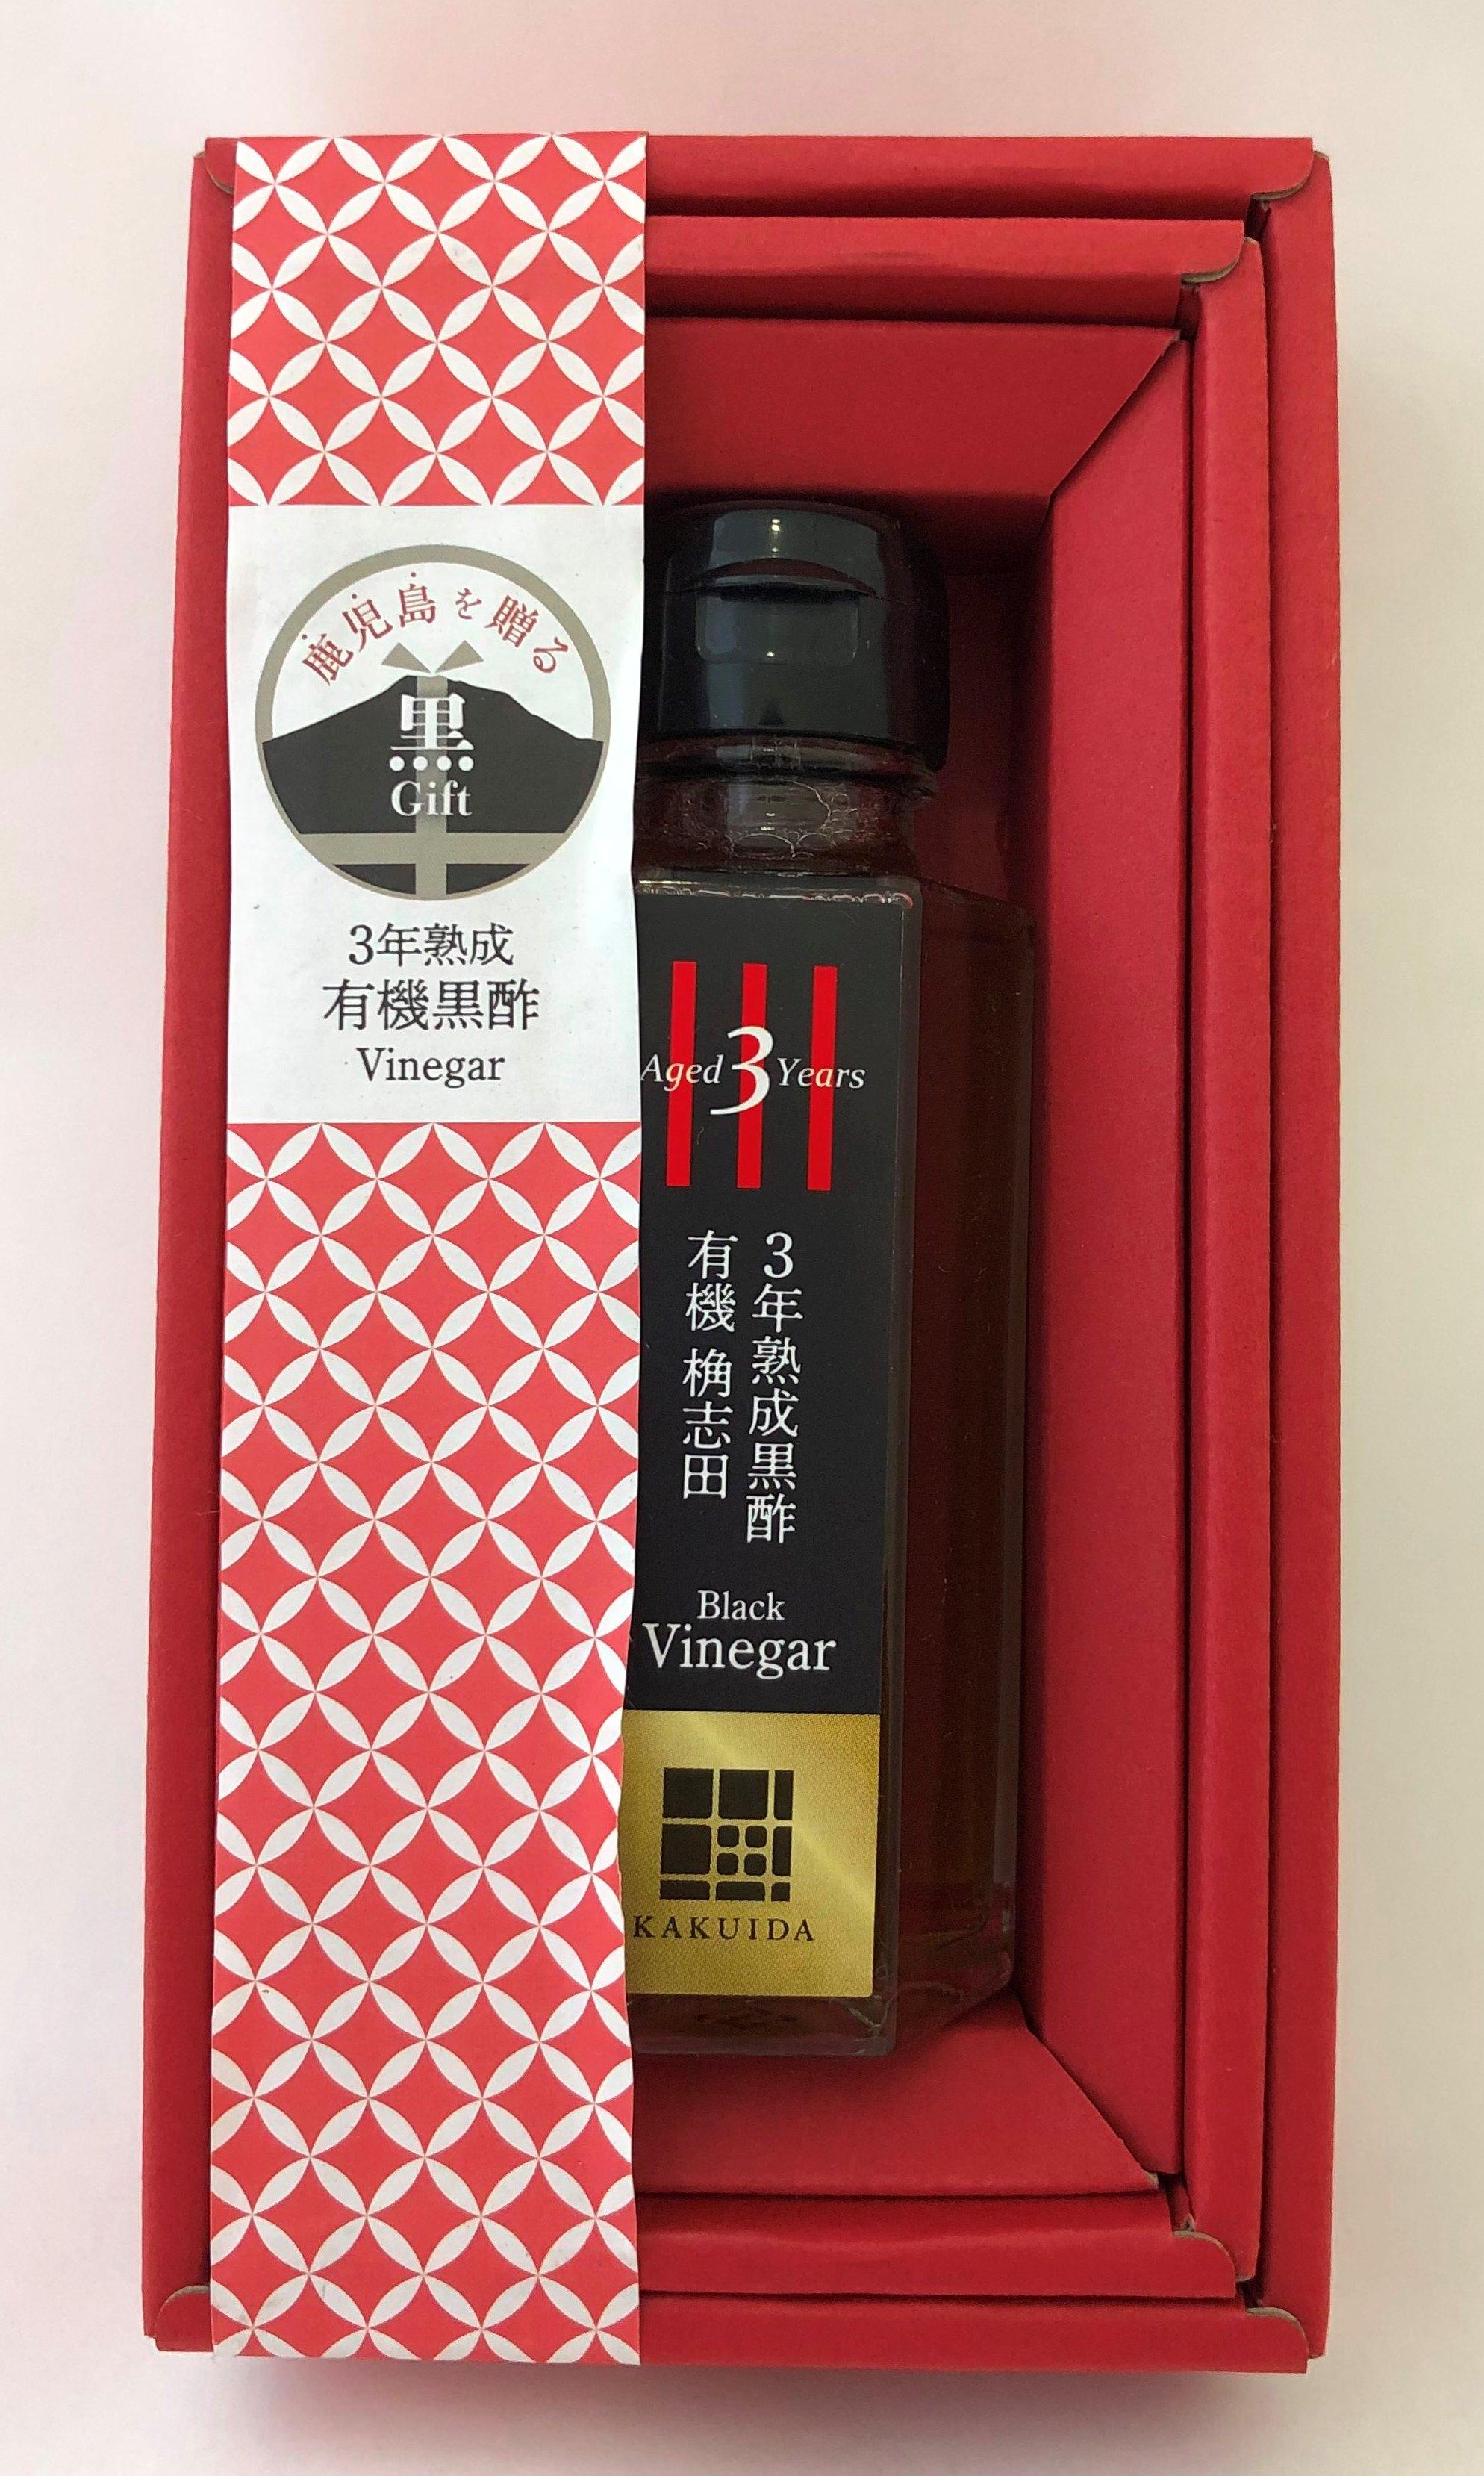 鹿児島を贈る 黒Gift☆3年熟成 割引 有機黒酢 プレゼント